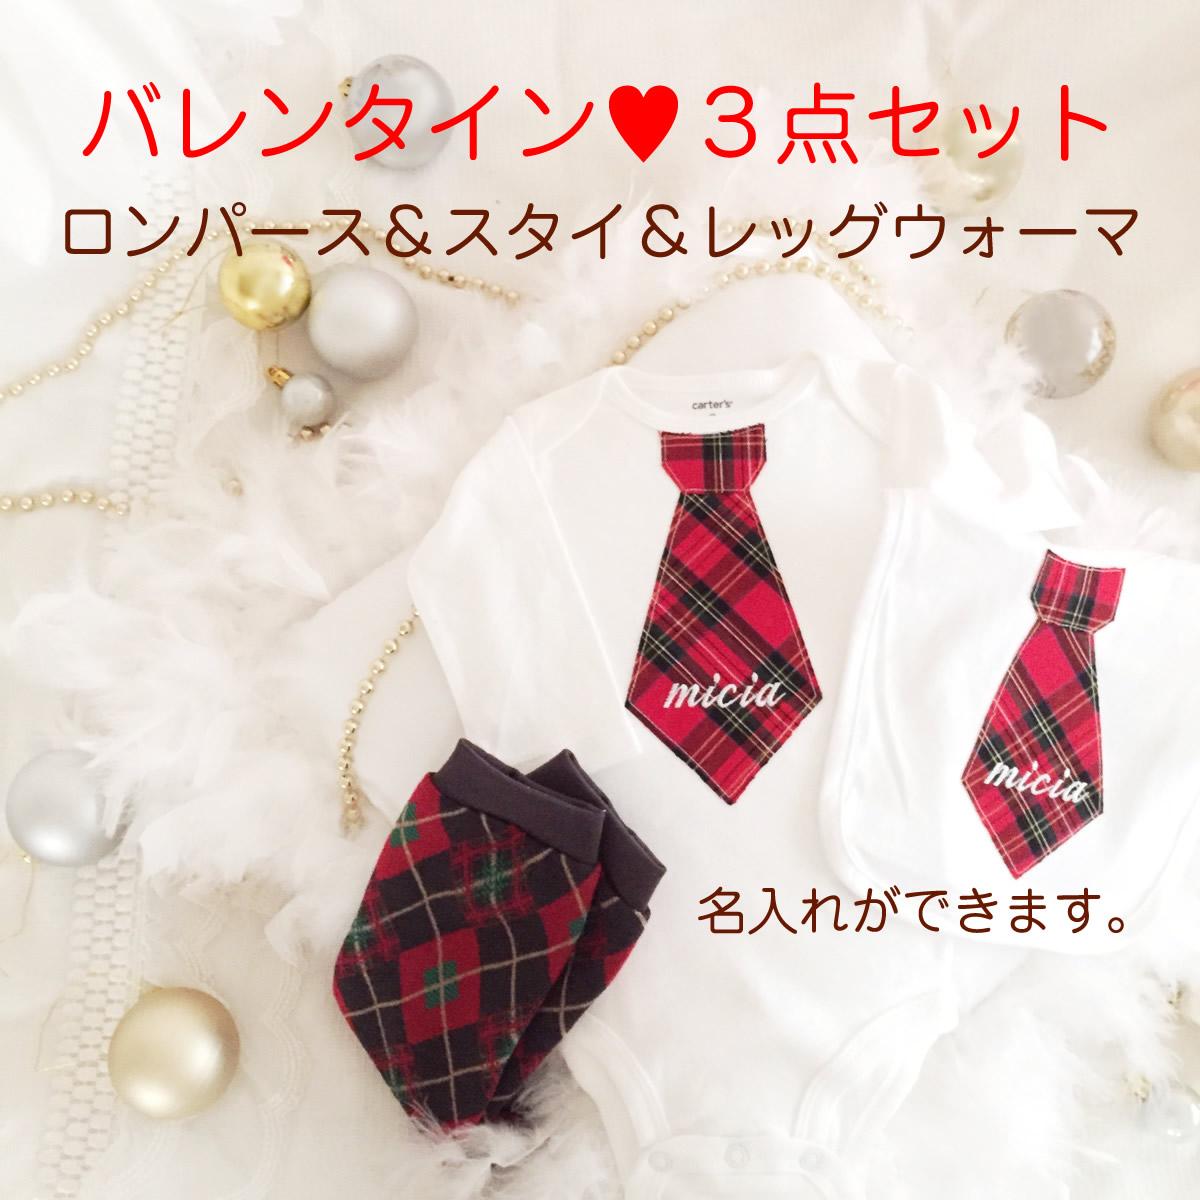 バレンタインネクタイロンパース&スタイ&レッグウォーマーセット「Christmas2016」